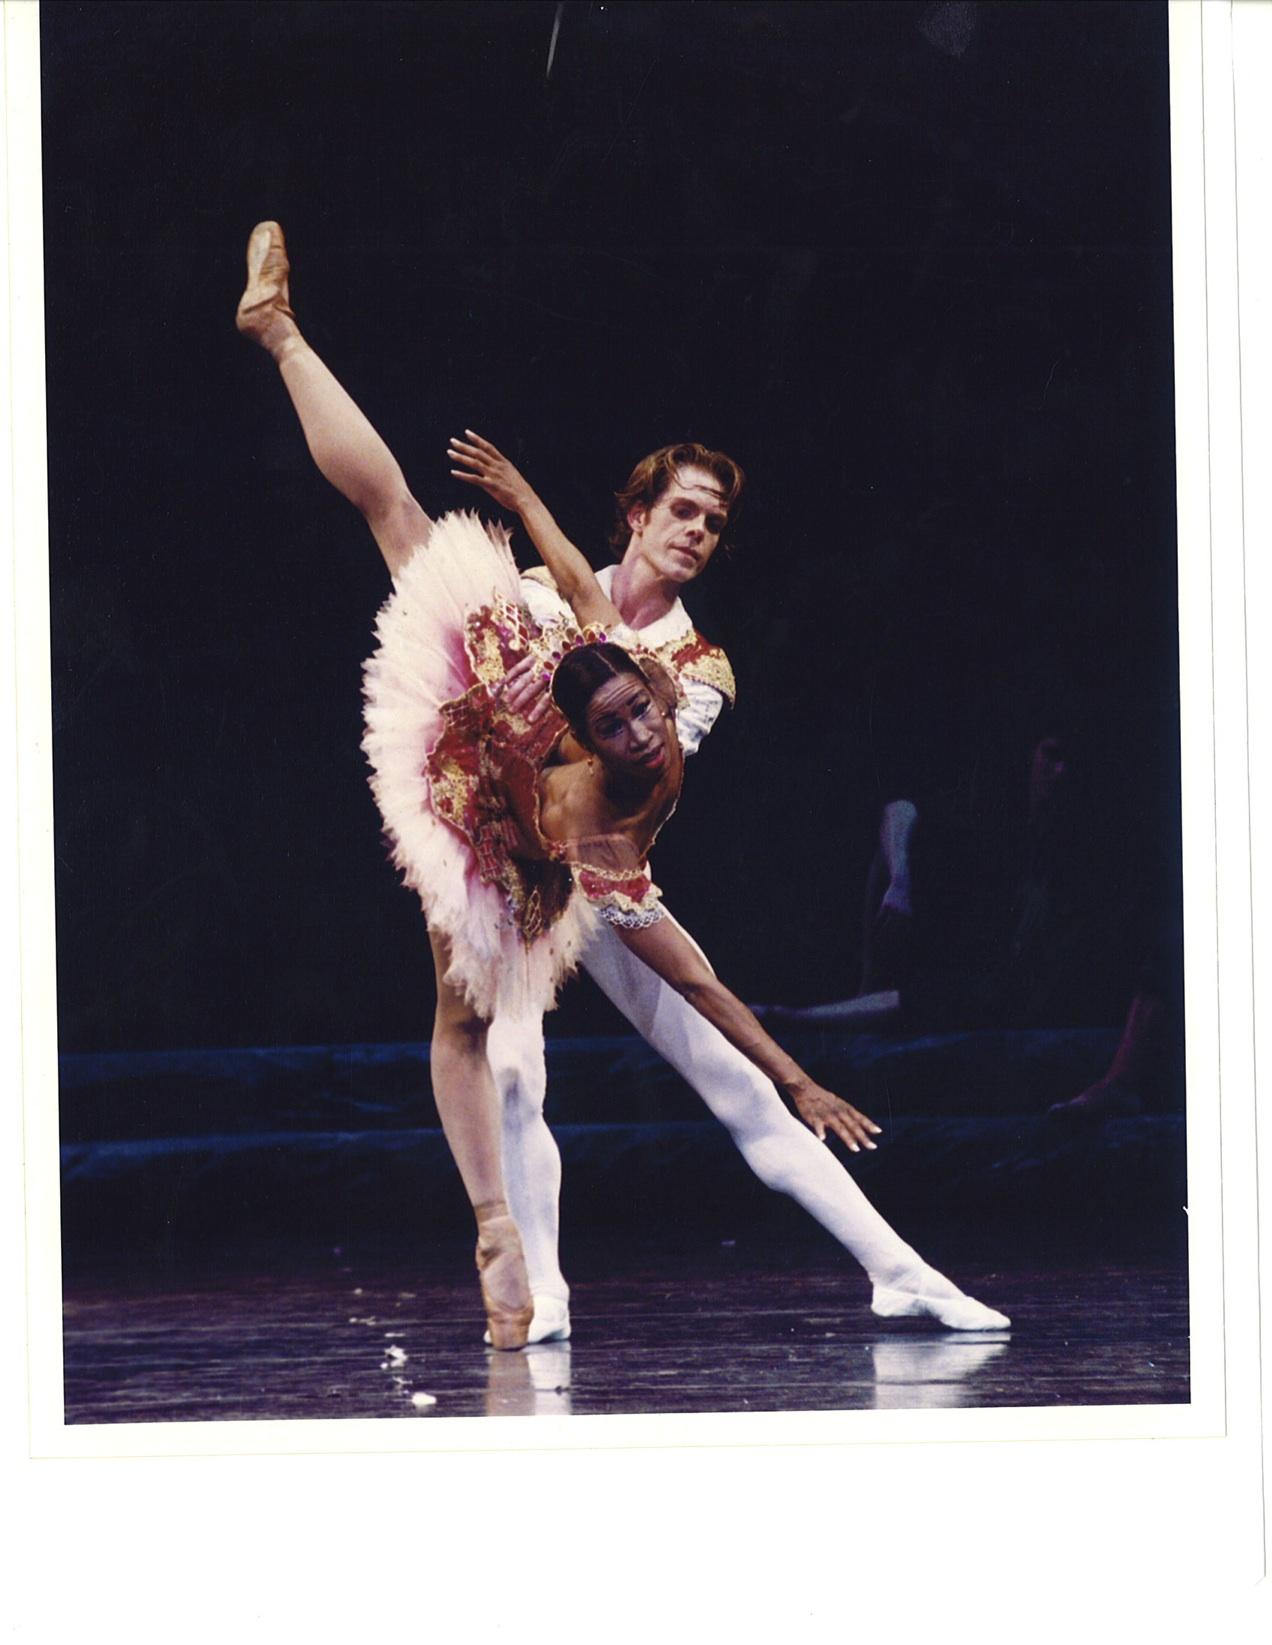 Lauren and Dominic